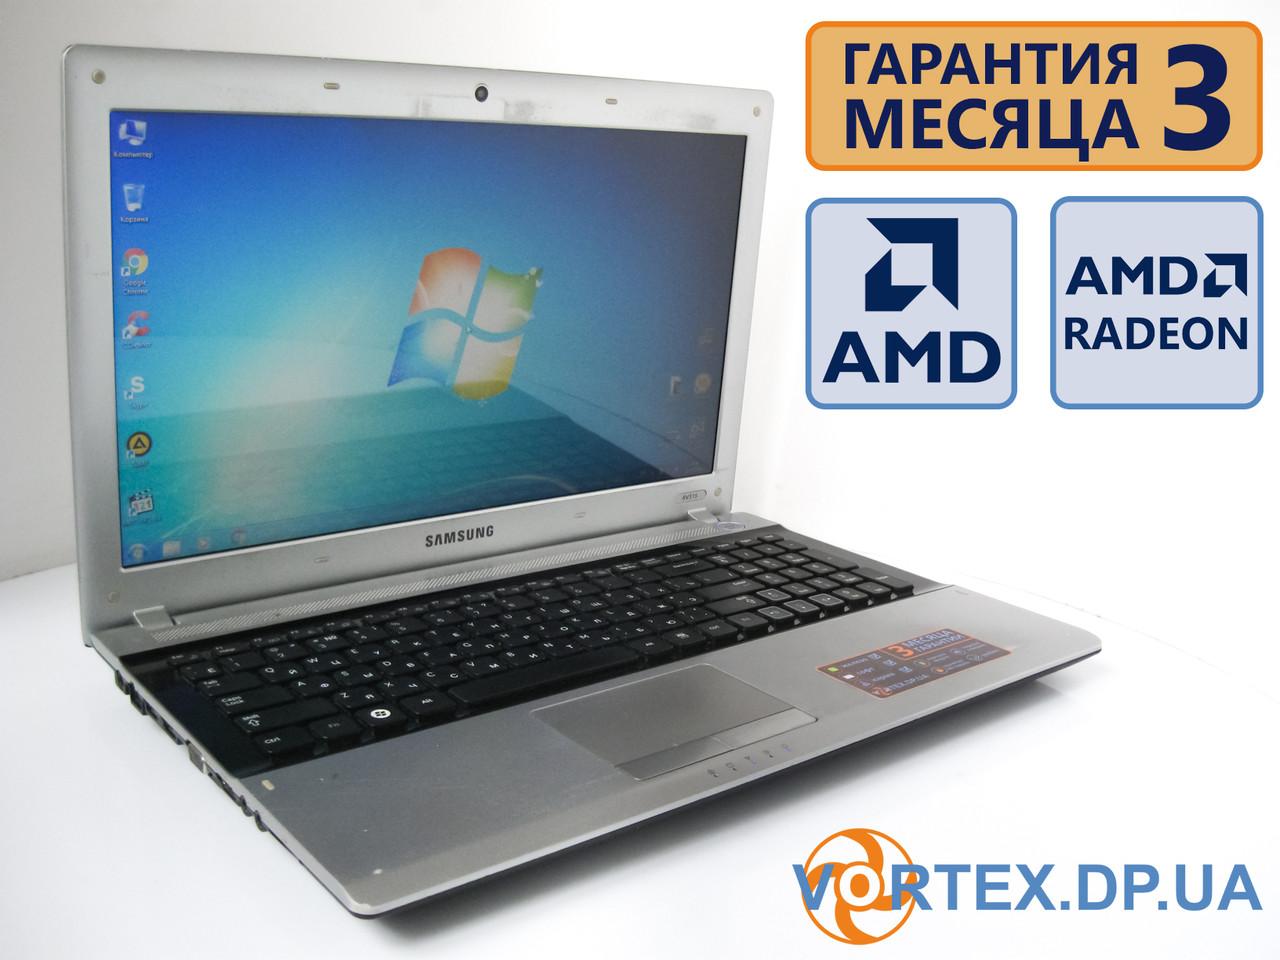 Ноутбук Samsung RV515 15.6 (1366x768) / AMD E450 (2x1.66GHz) / AMD Rad